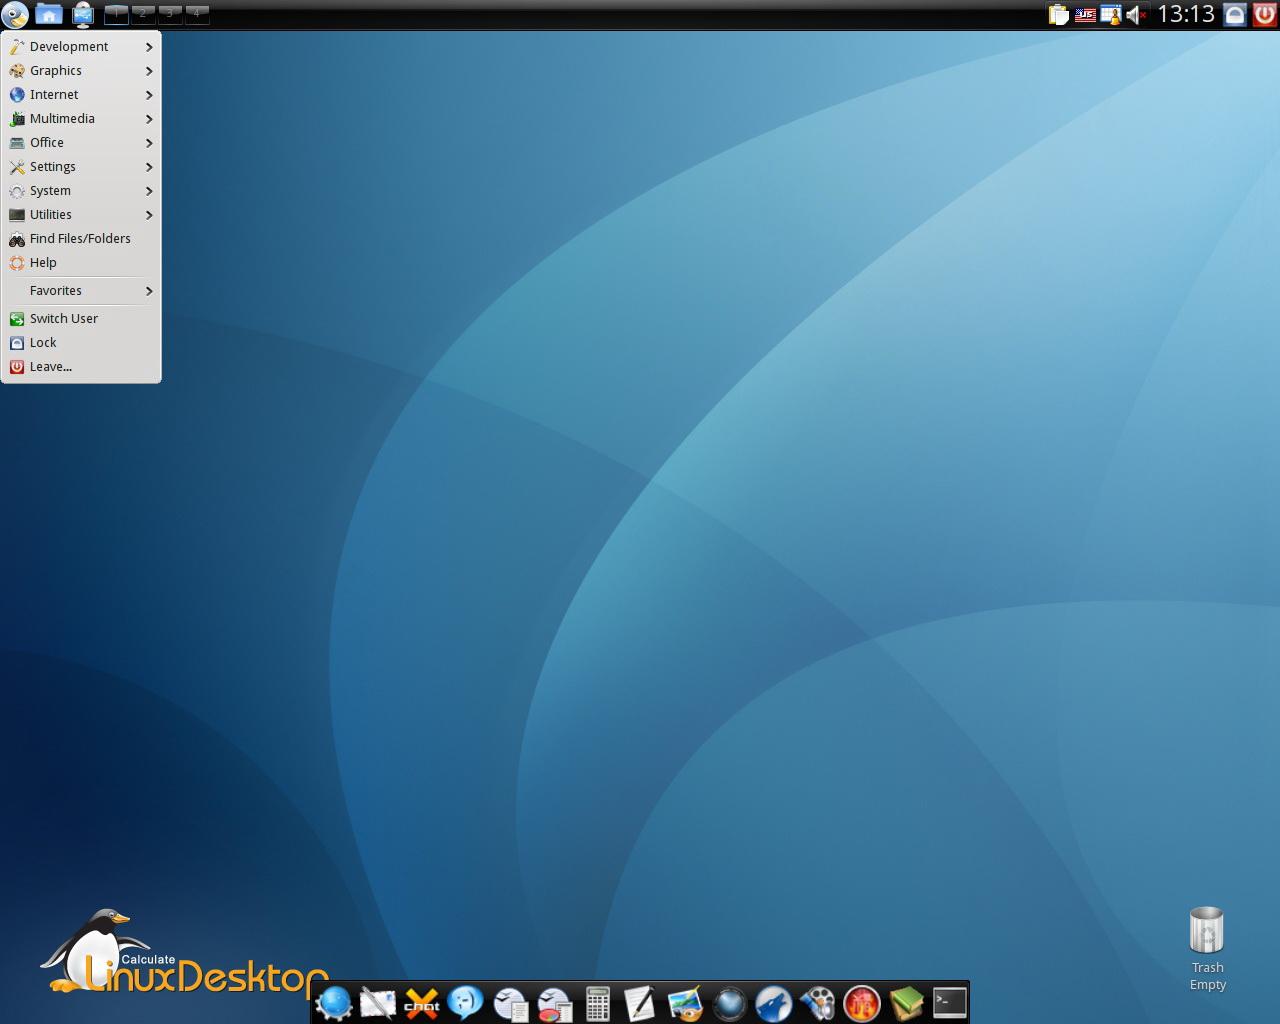 Calculate Linux Scratch截图1